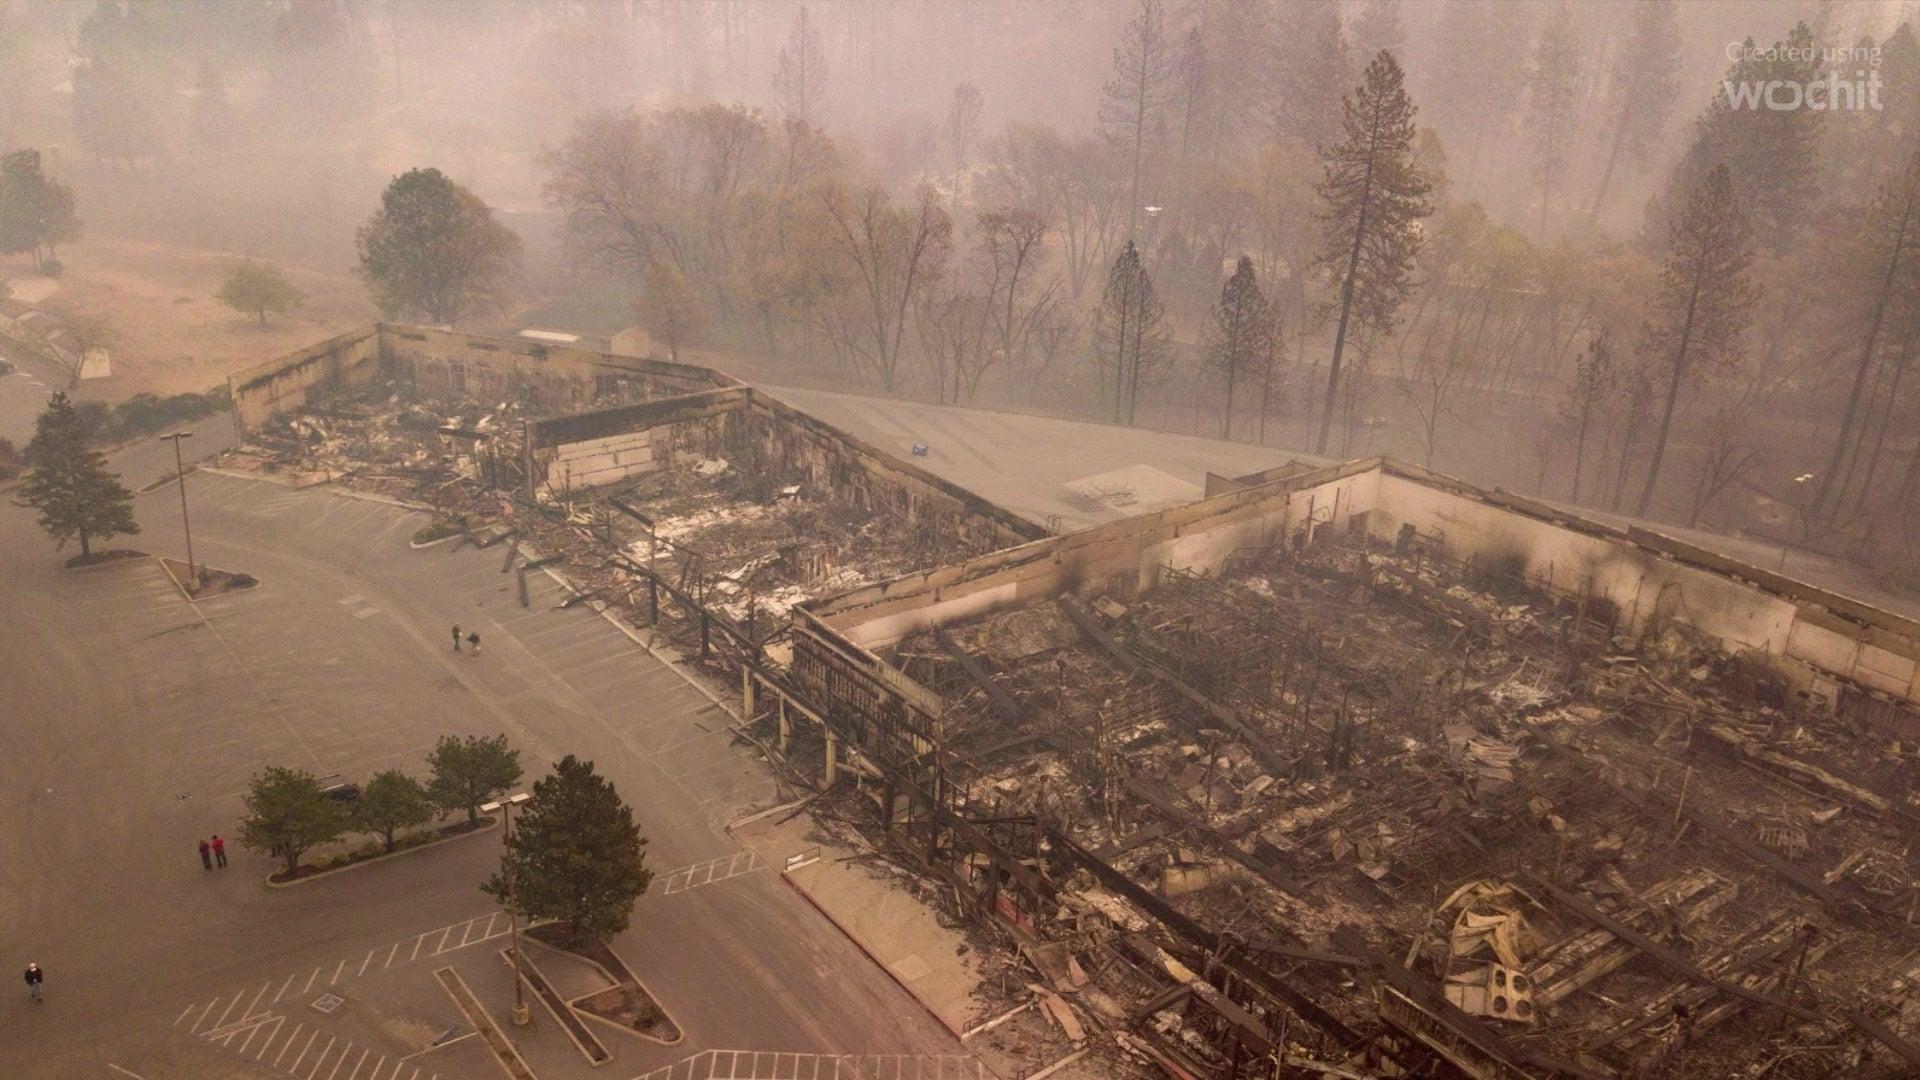 Drohnen-Fotos zeigen Zerstörung in Kalifornien